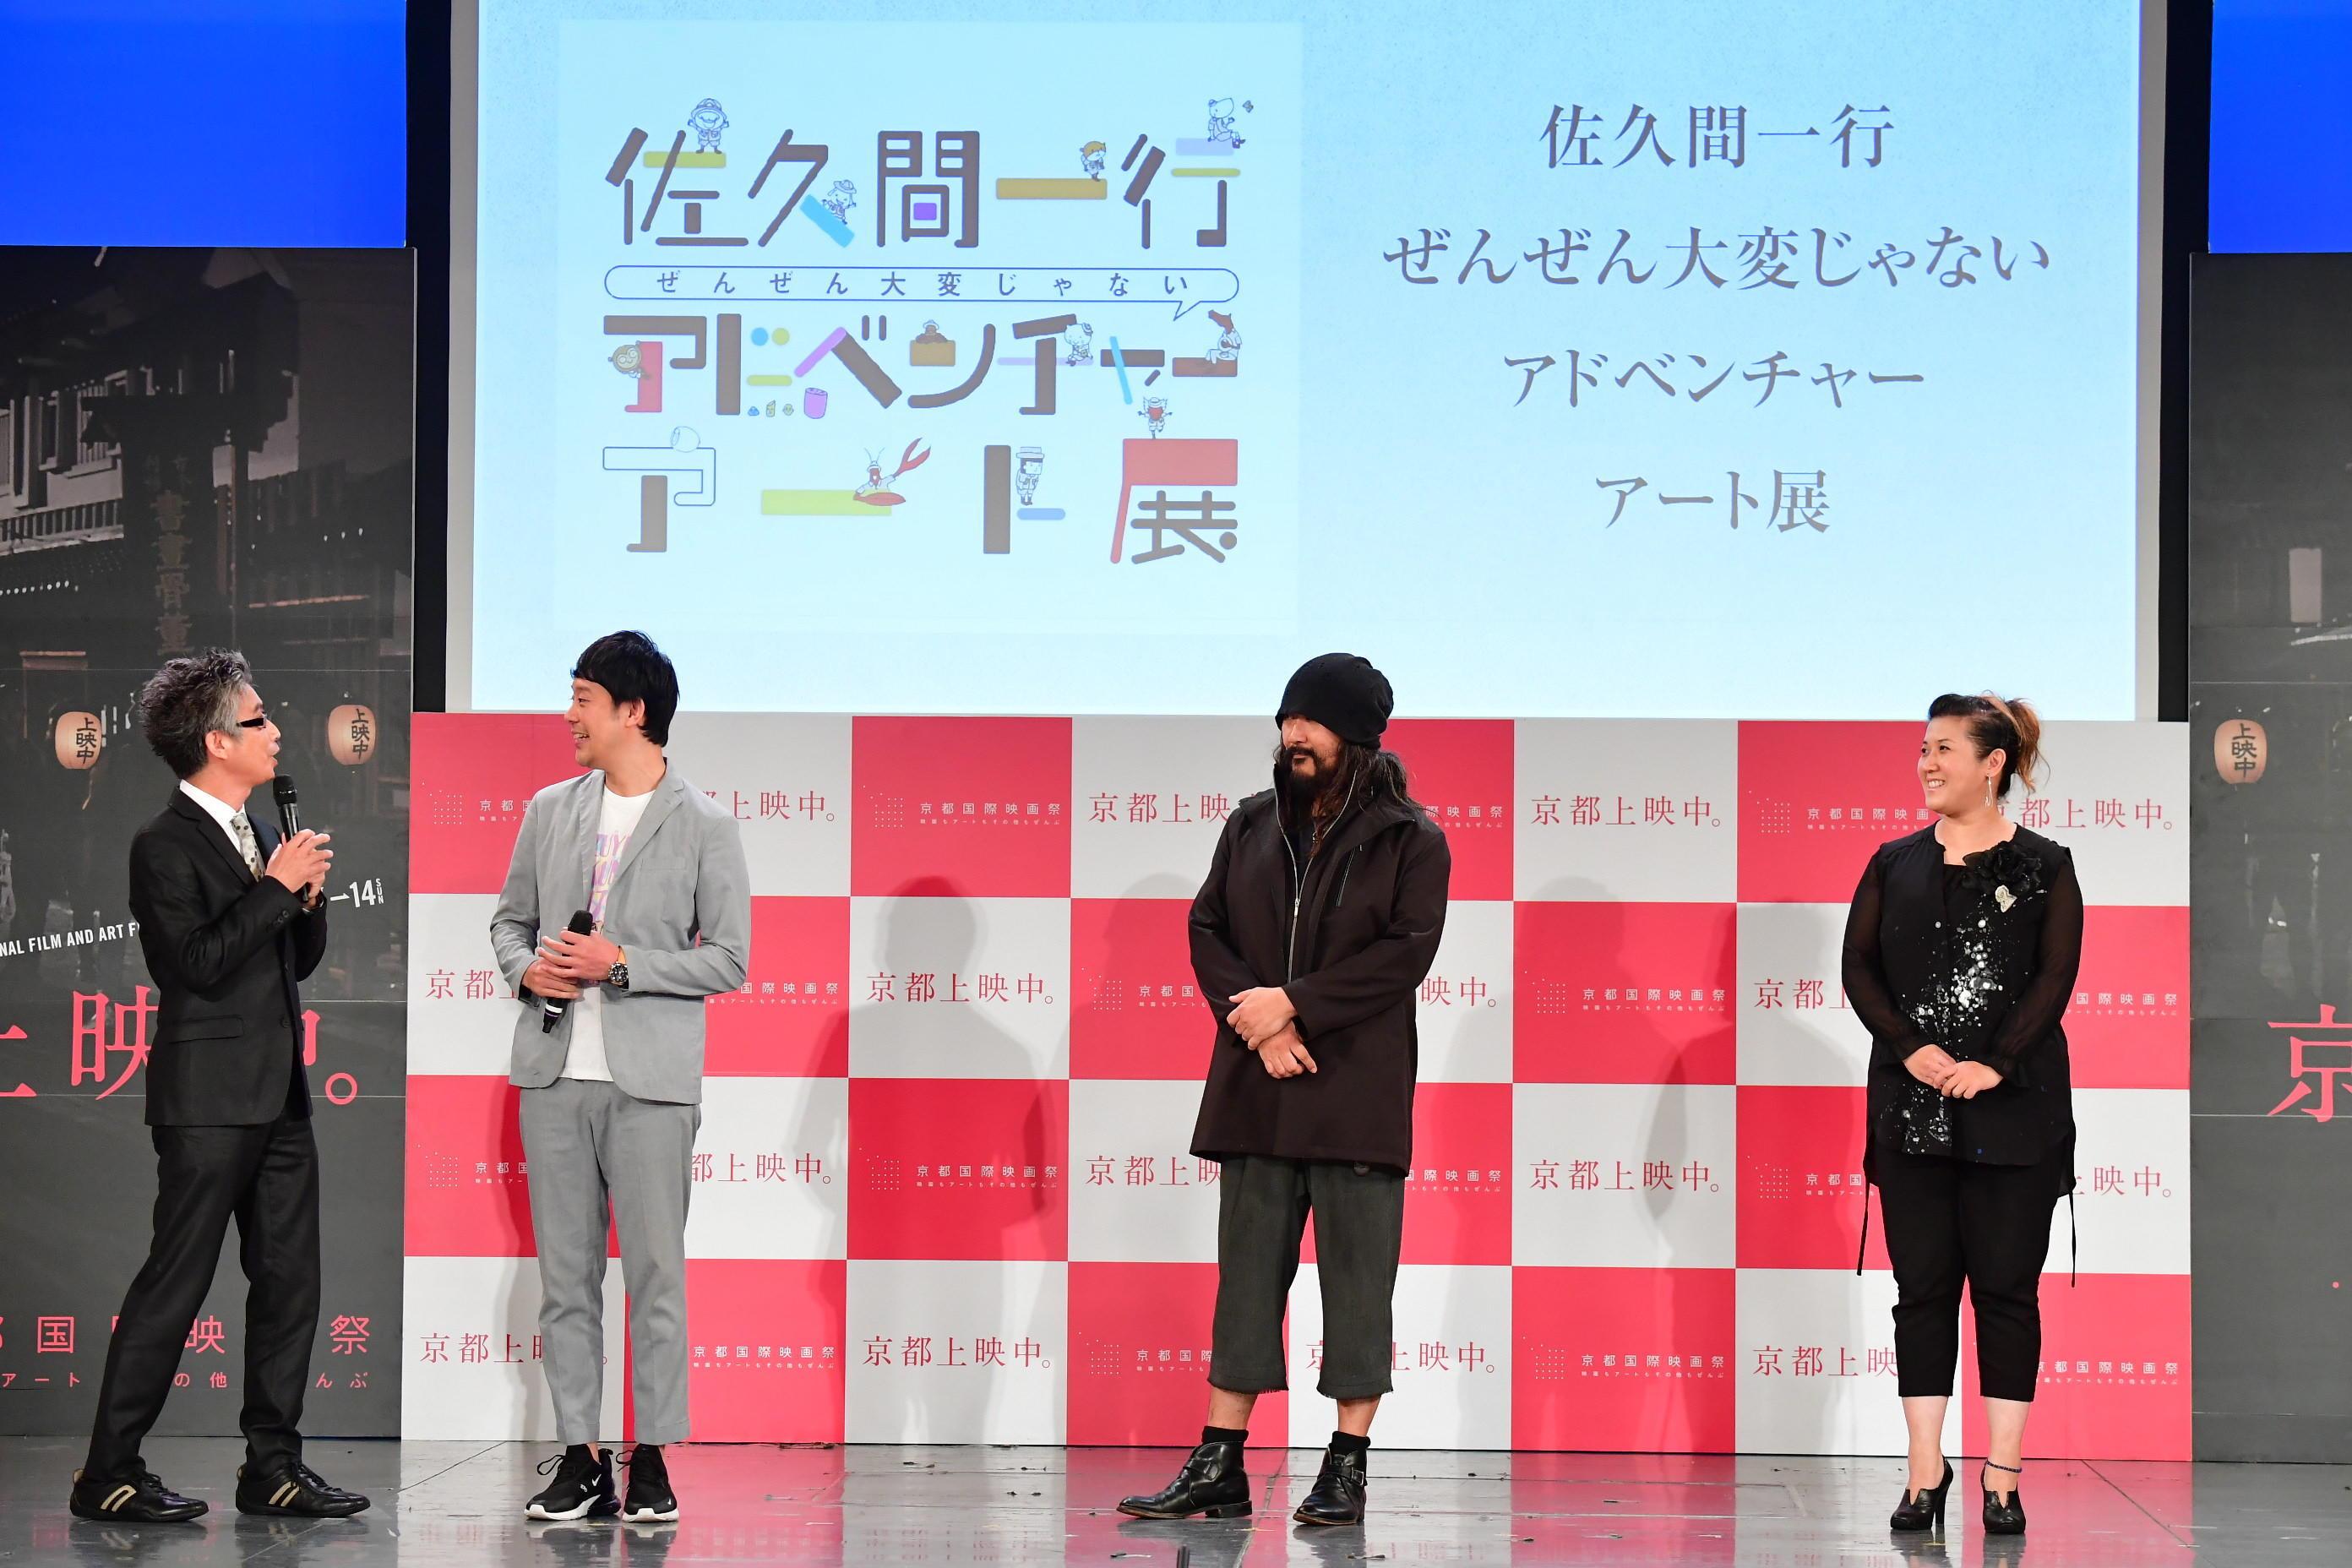 http://news.yoshimoto.co.jp/20180903233802-827863c8b7636c30dd630fb36a7c712f9e577adc.jpg